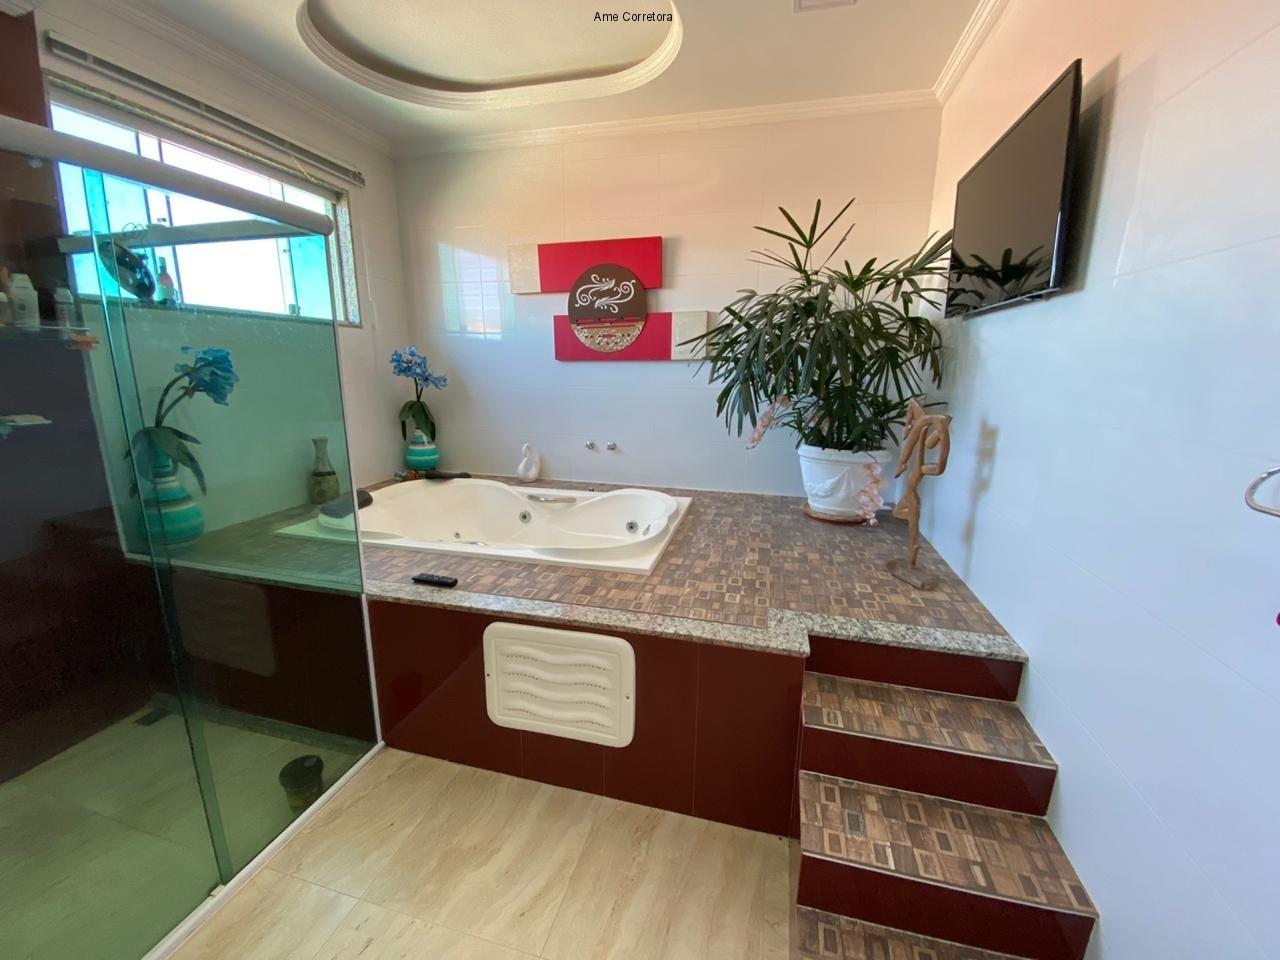 FOTO 18 - Casa 3 quartos à venda Rio de Janeiro,RJ - R$ 900.000 - CA00624 - 19